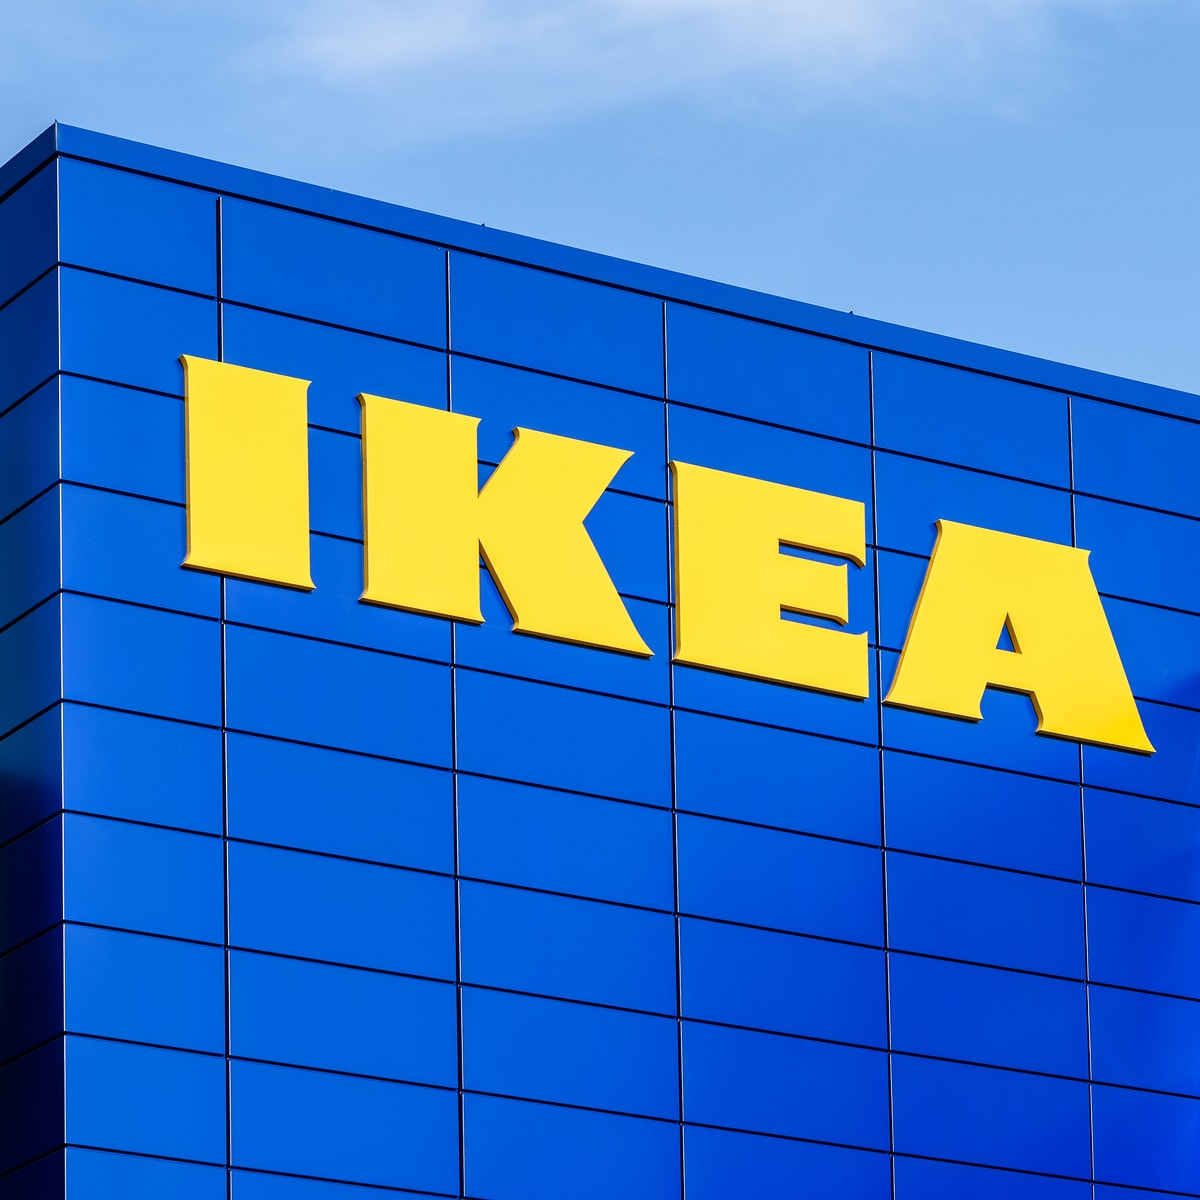 Możliwość wypożyczenia mebli i używane meble na sprzedaż. Tak wygląda nowa oferta Ikei